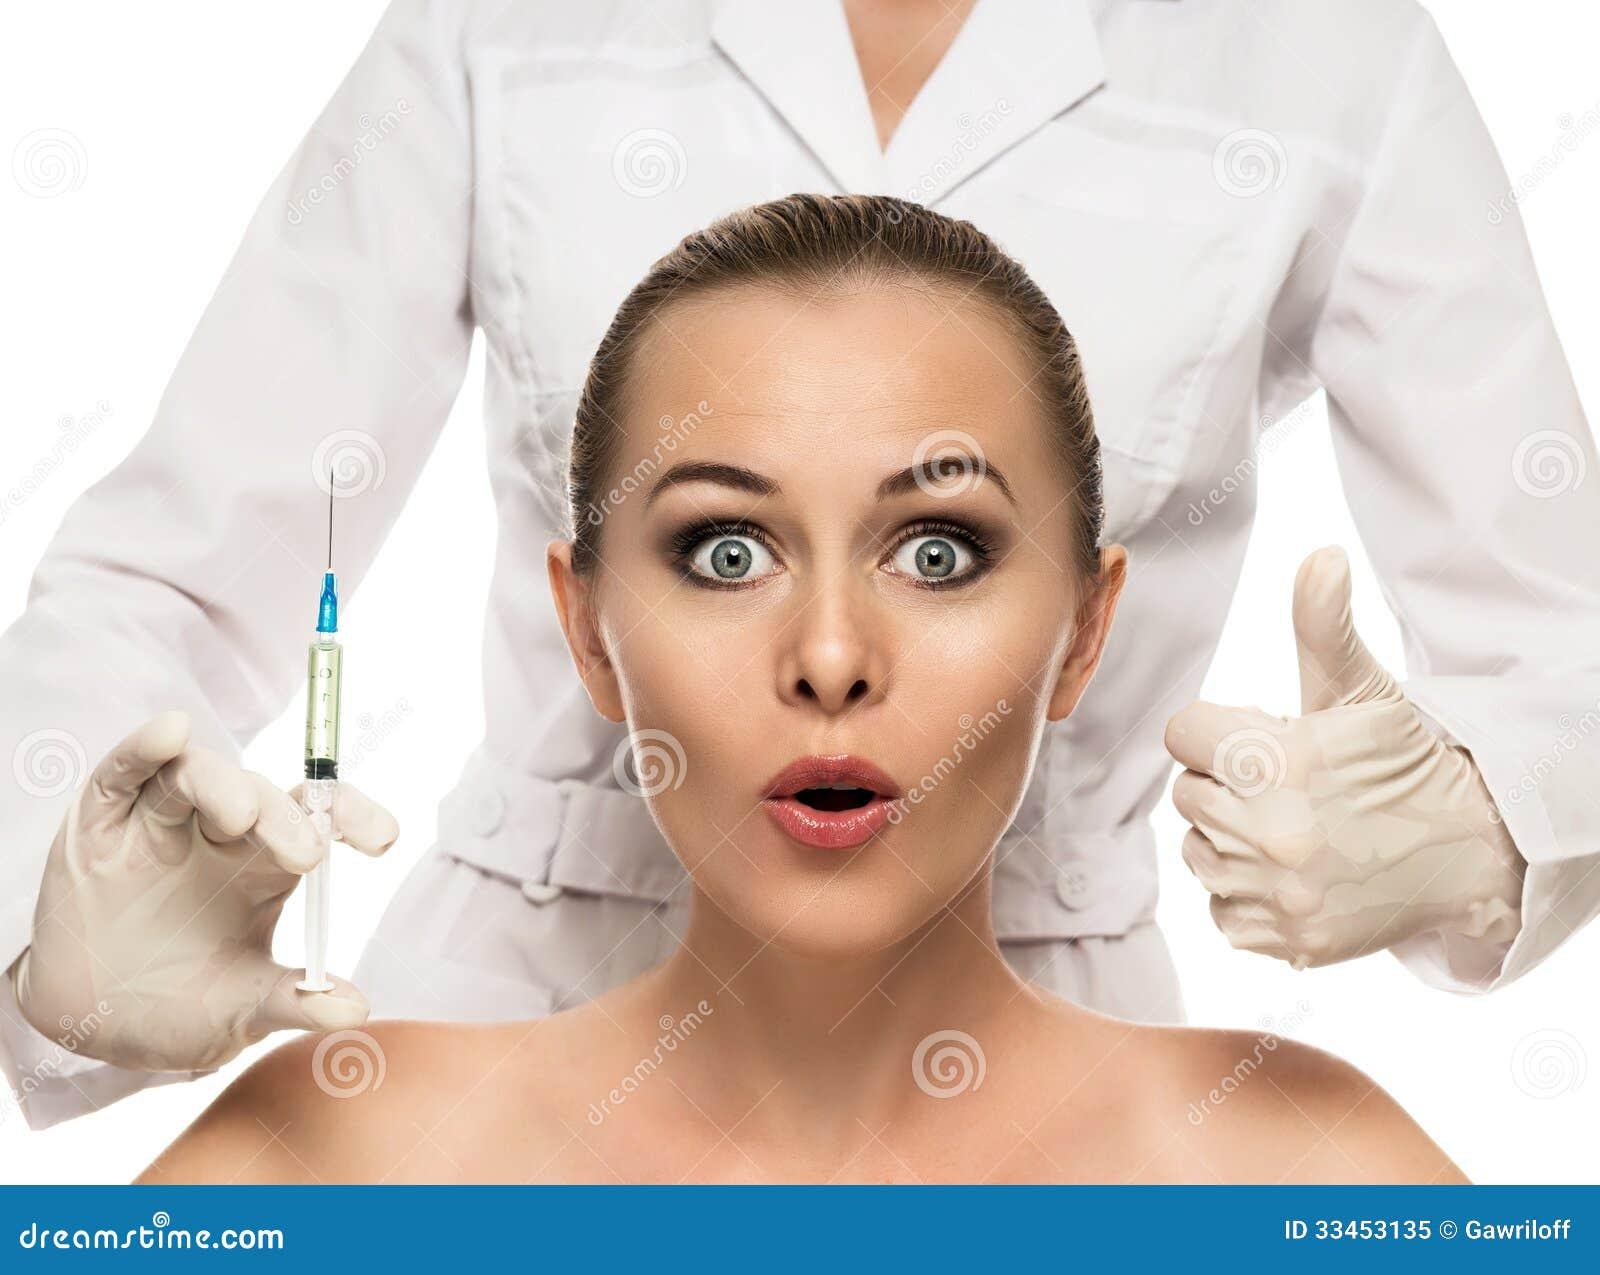 Kosmetisk injektion till de nätta härliga kvinnaframsida- och kosmetologhänderna med injektionssprutan.